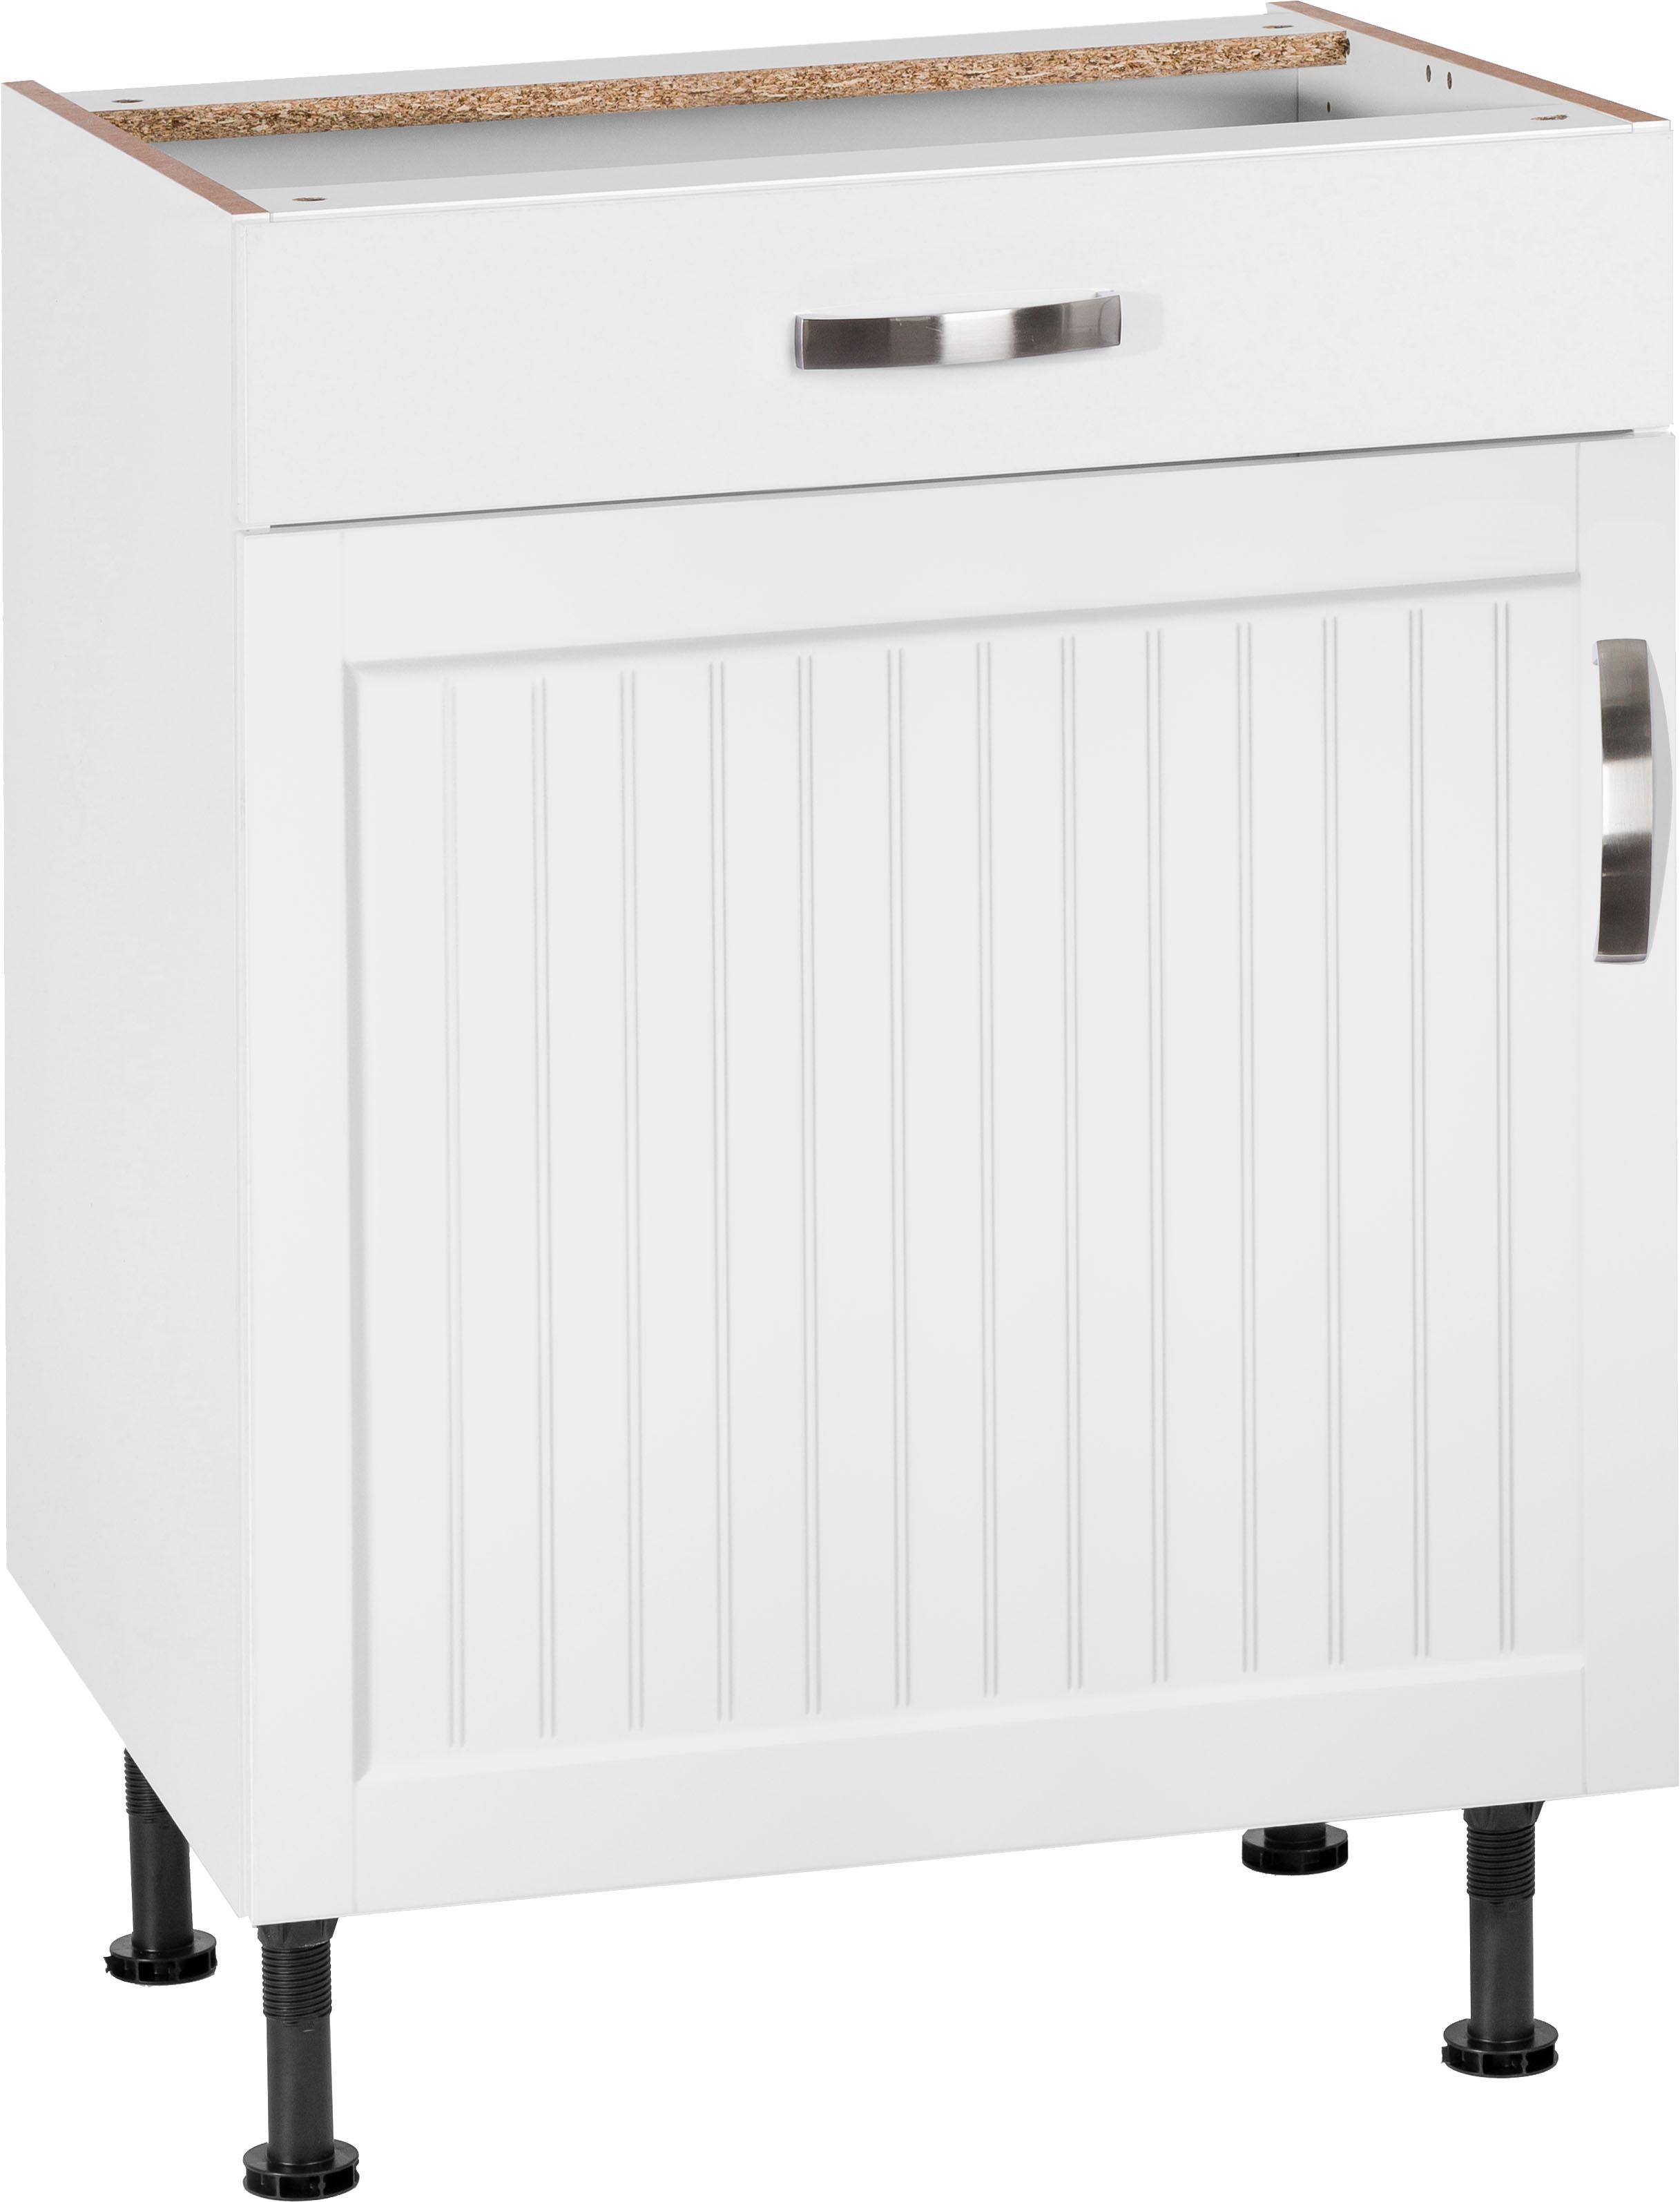 weiss-beton Küchen-Unterschränke online kaufen   Möbel-Suchmaschine ...